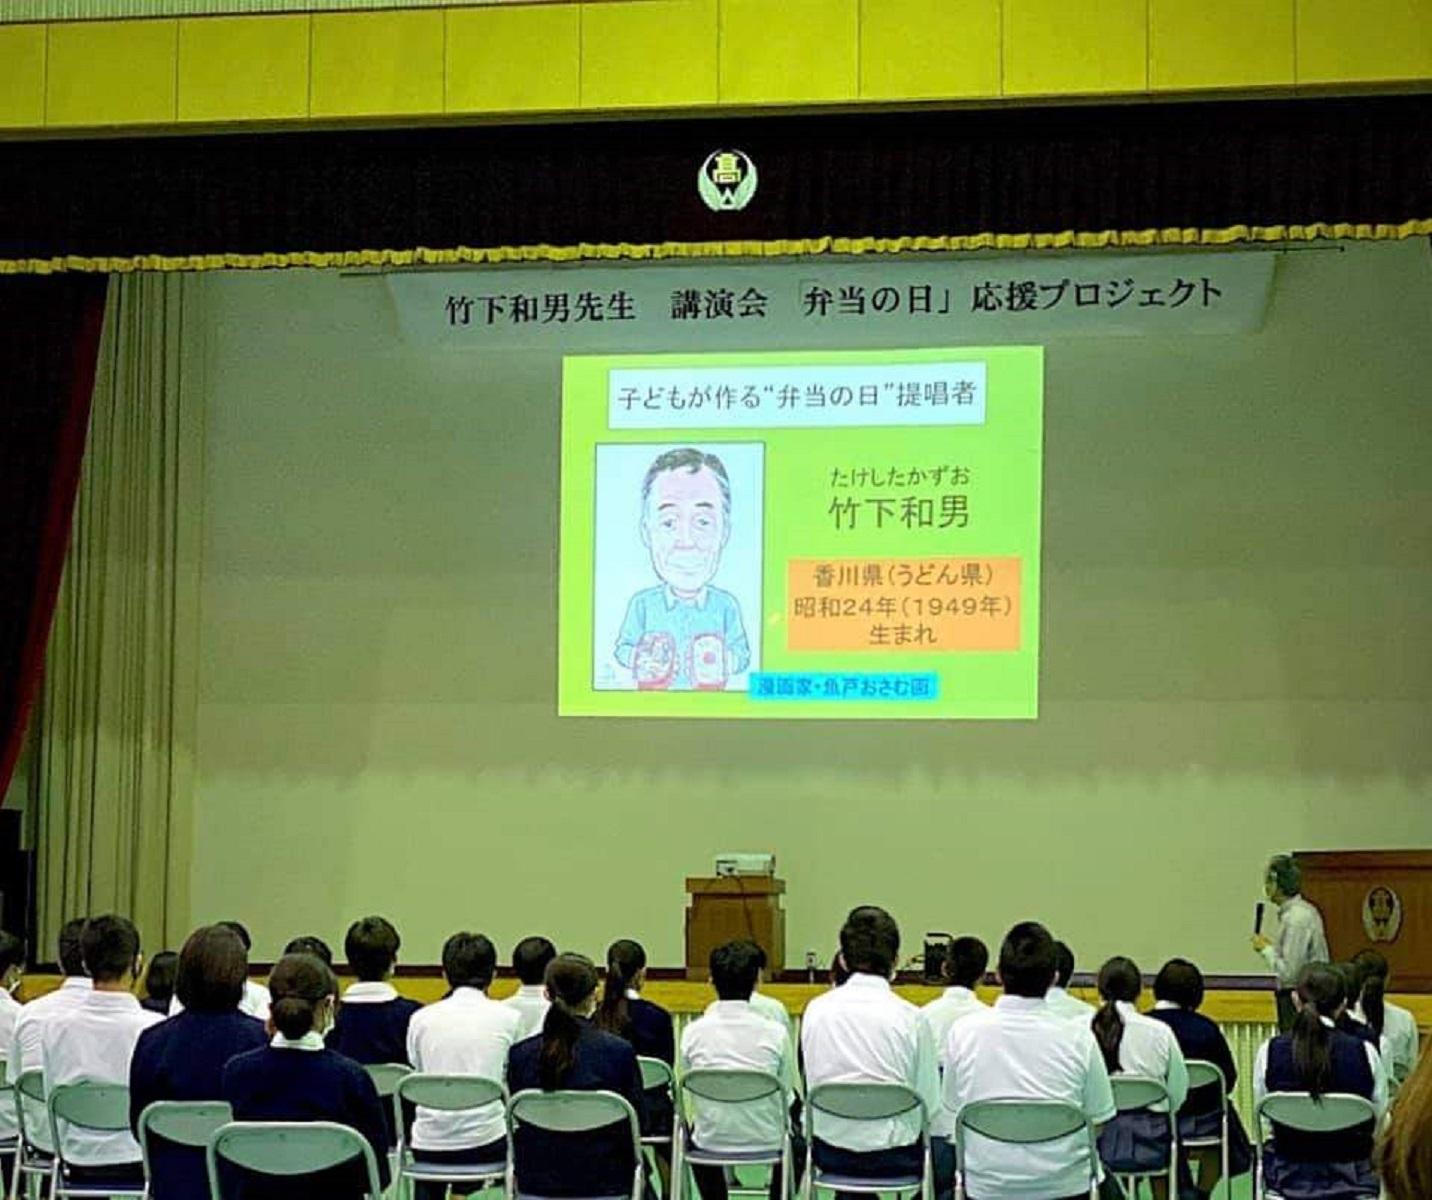 〈鹿児島県〉鹿児島県立山川高等学校